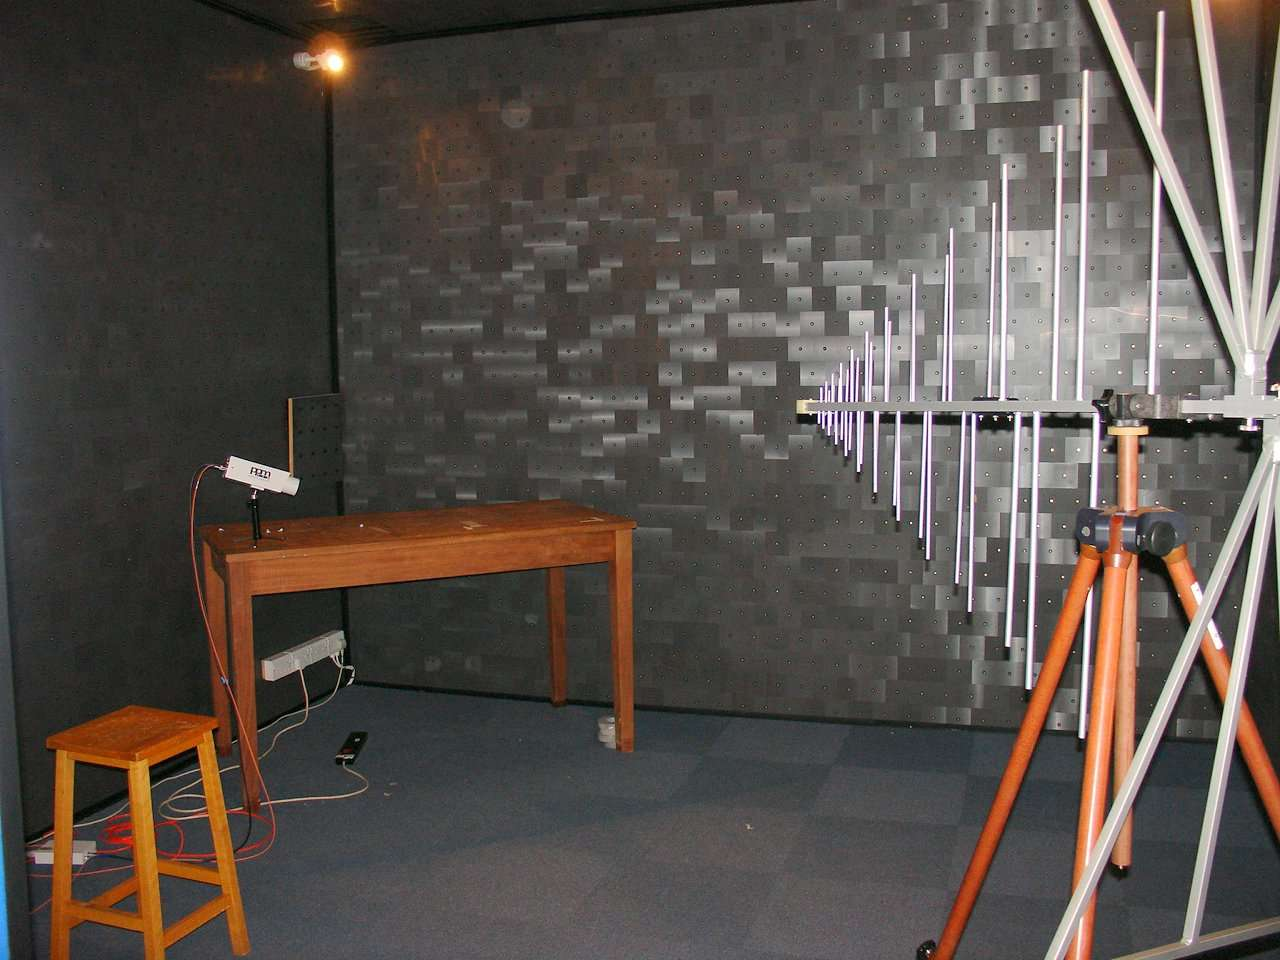 La compatibilité électromagnétique est testée dans une pièce spécialement aménagée. © Stan Zurek, CC BY-SA 3.0, Wikimedia Commons